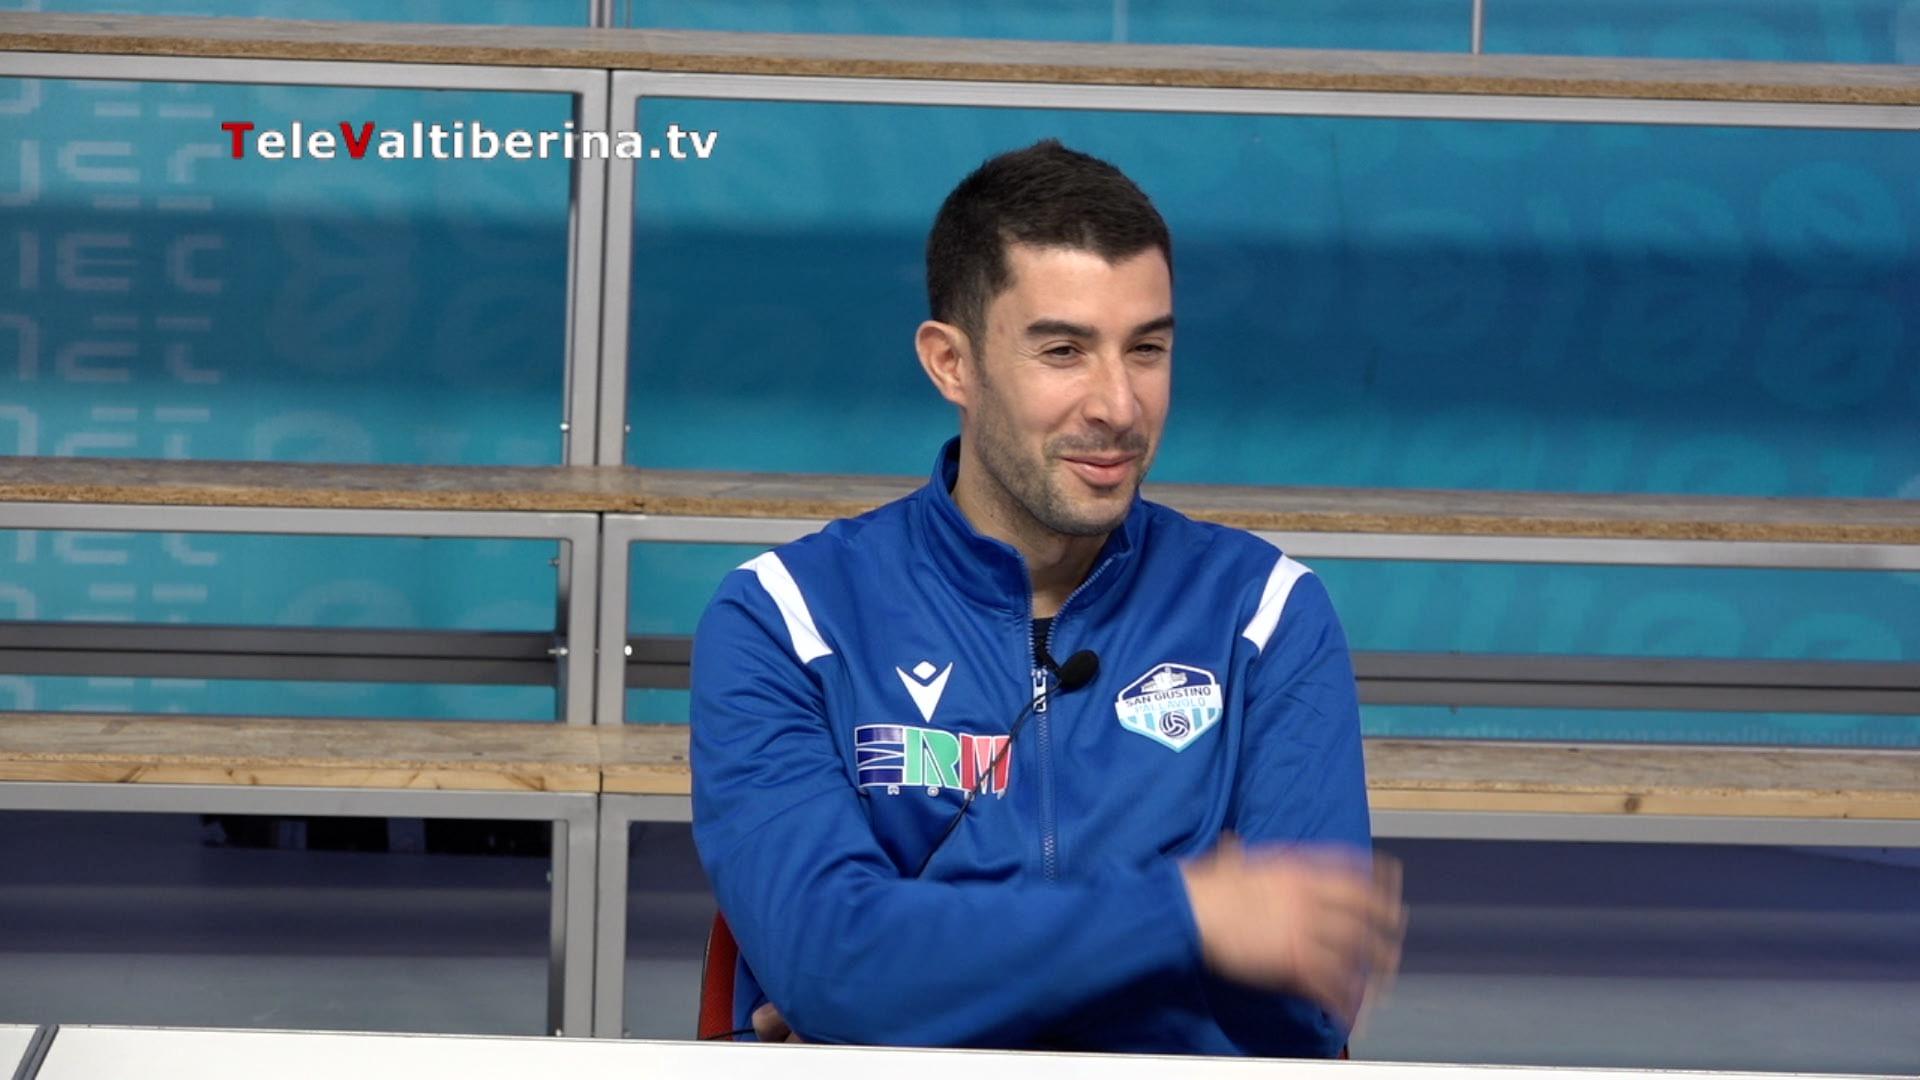 """Pallavolo: Davide Marra """"San Giustino società importante, mi sento ancora un professionista"""""""